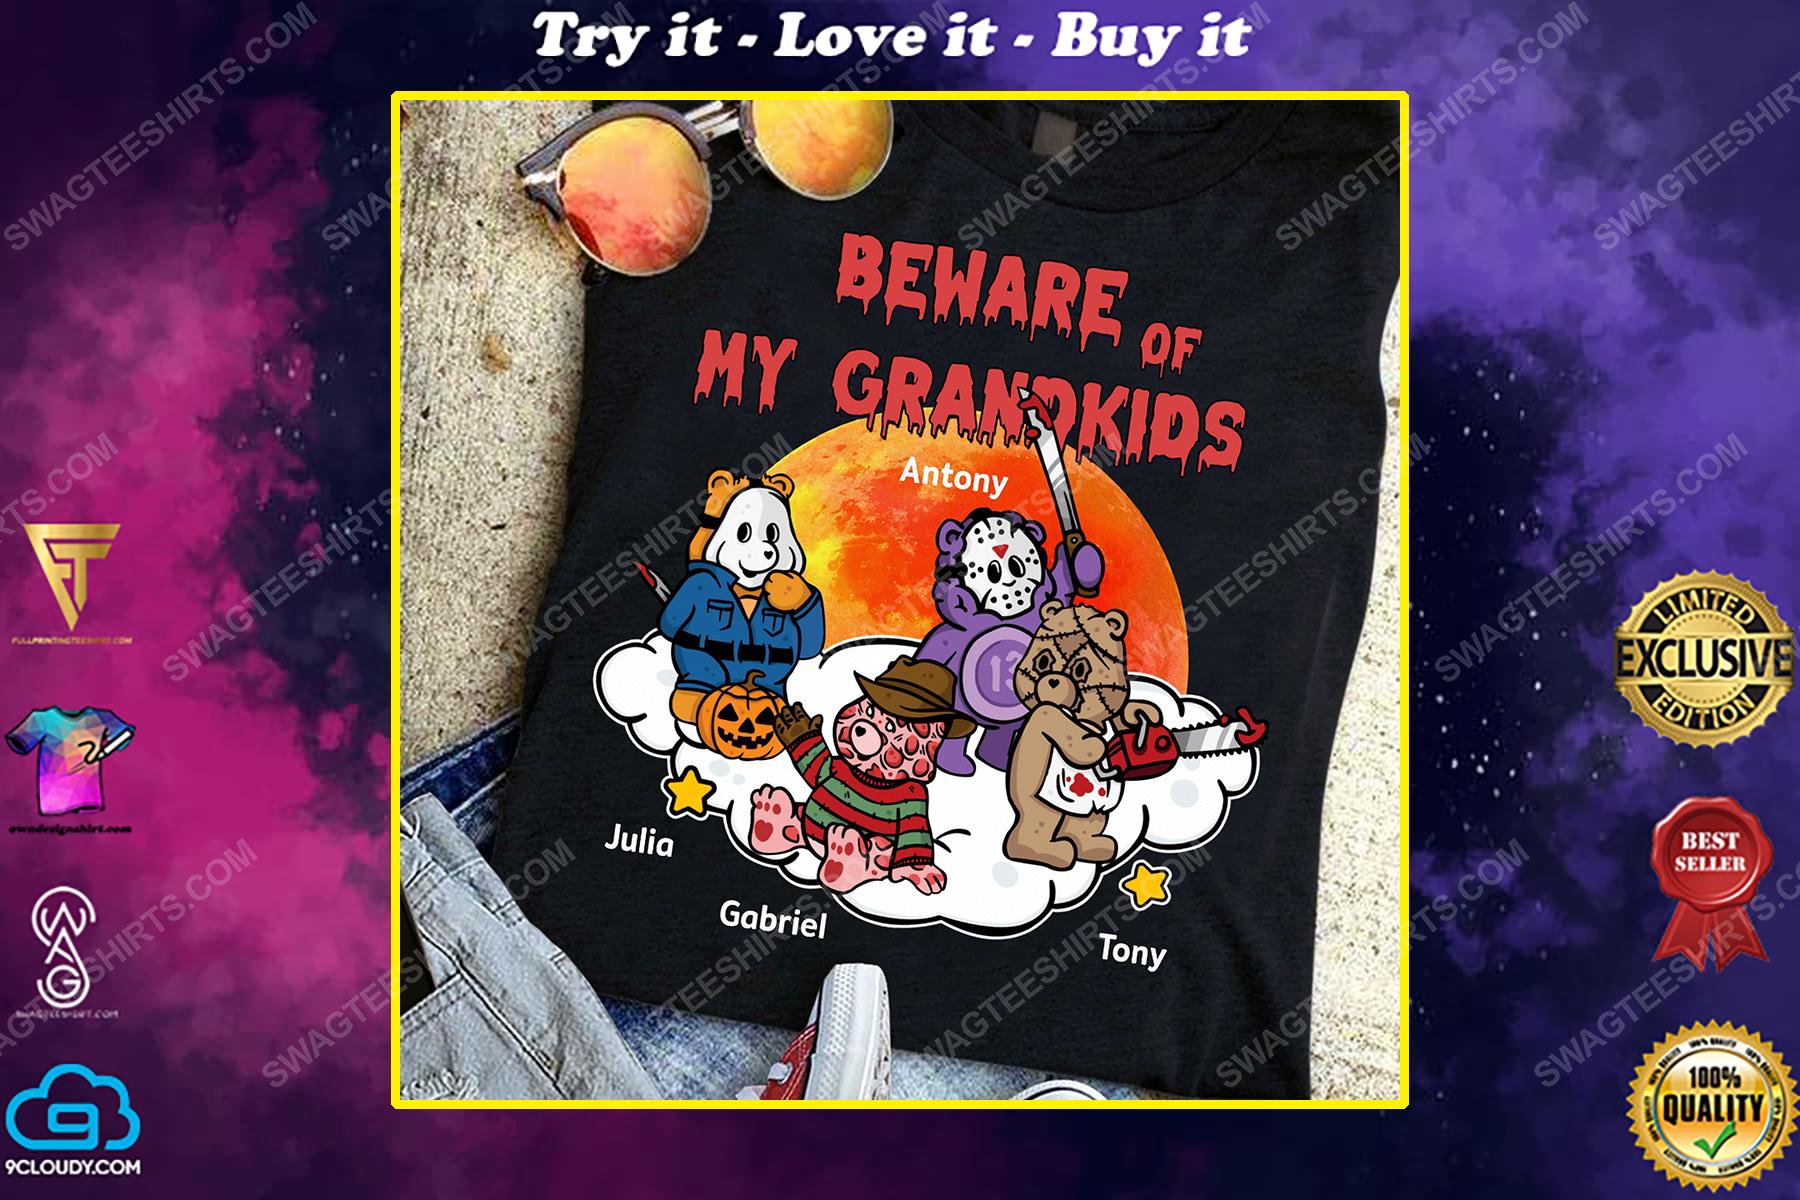 Custom beware of my grandkids halloween gift shirt